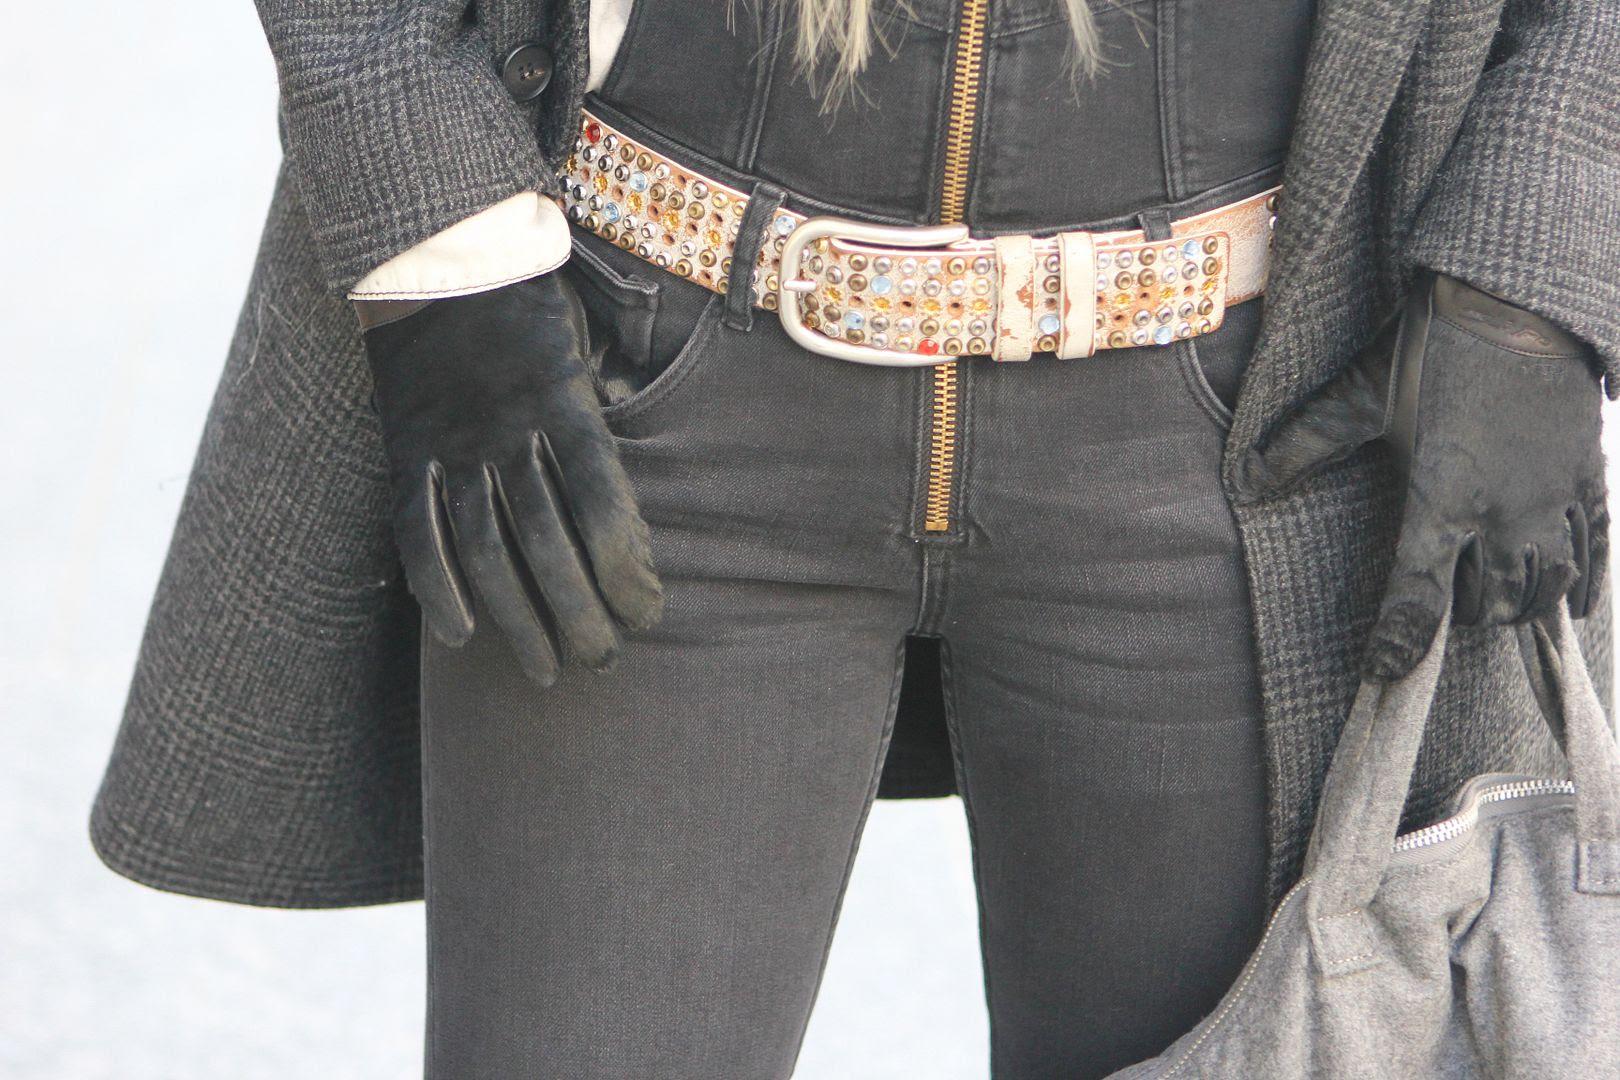 photo isabelmarant-studded-belt-quillandtinegloves.jpg